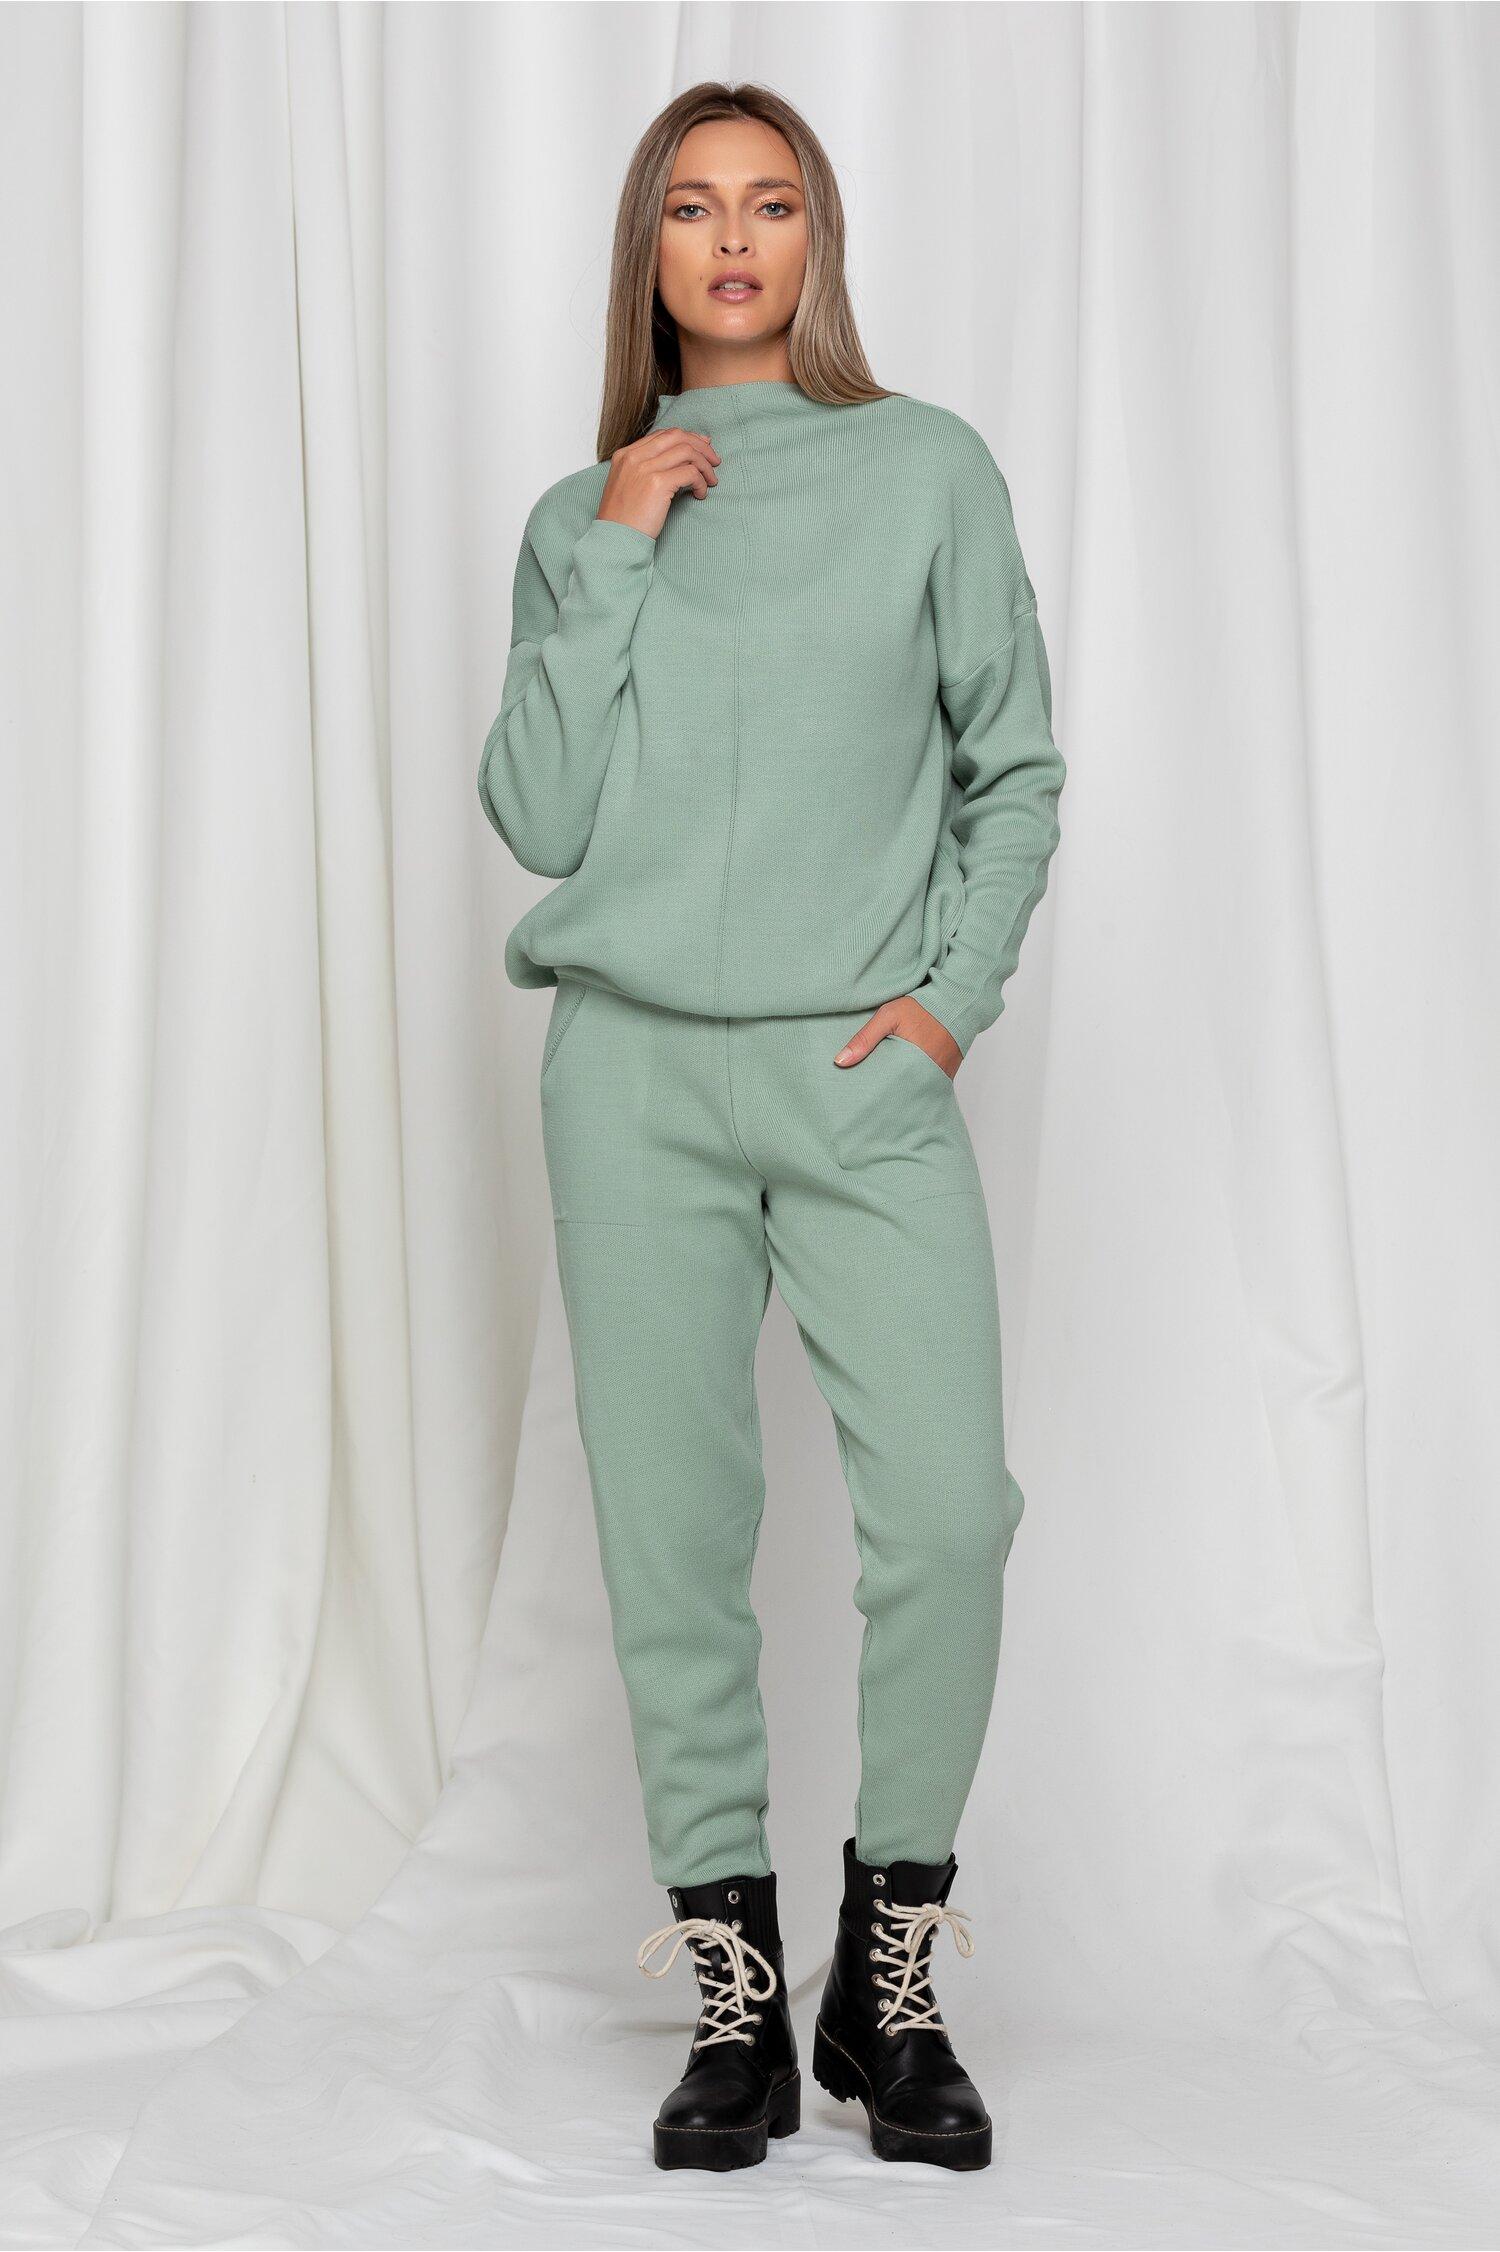 Compleu sport Dara verde mint din tricot